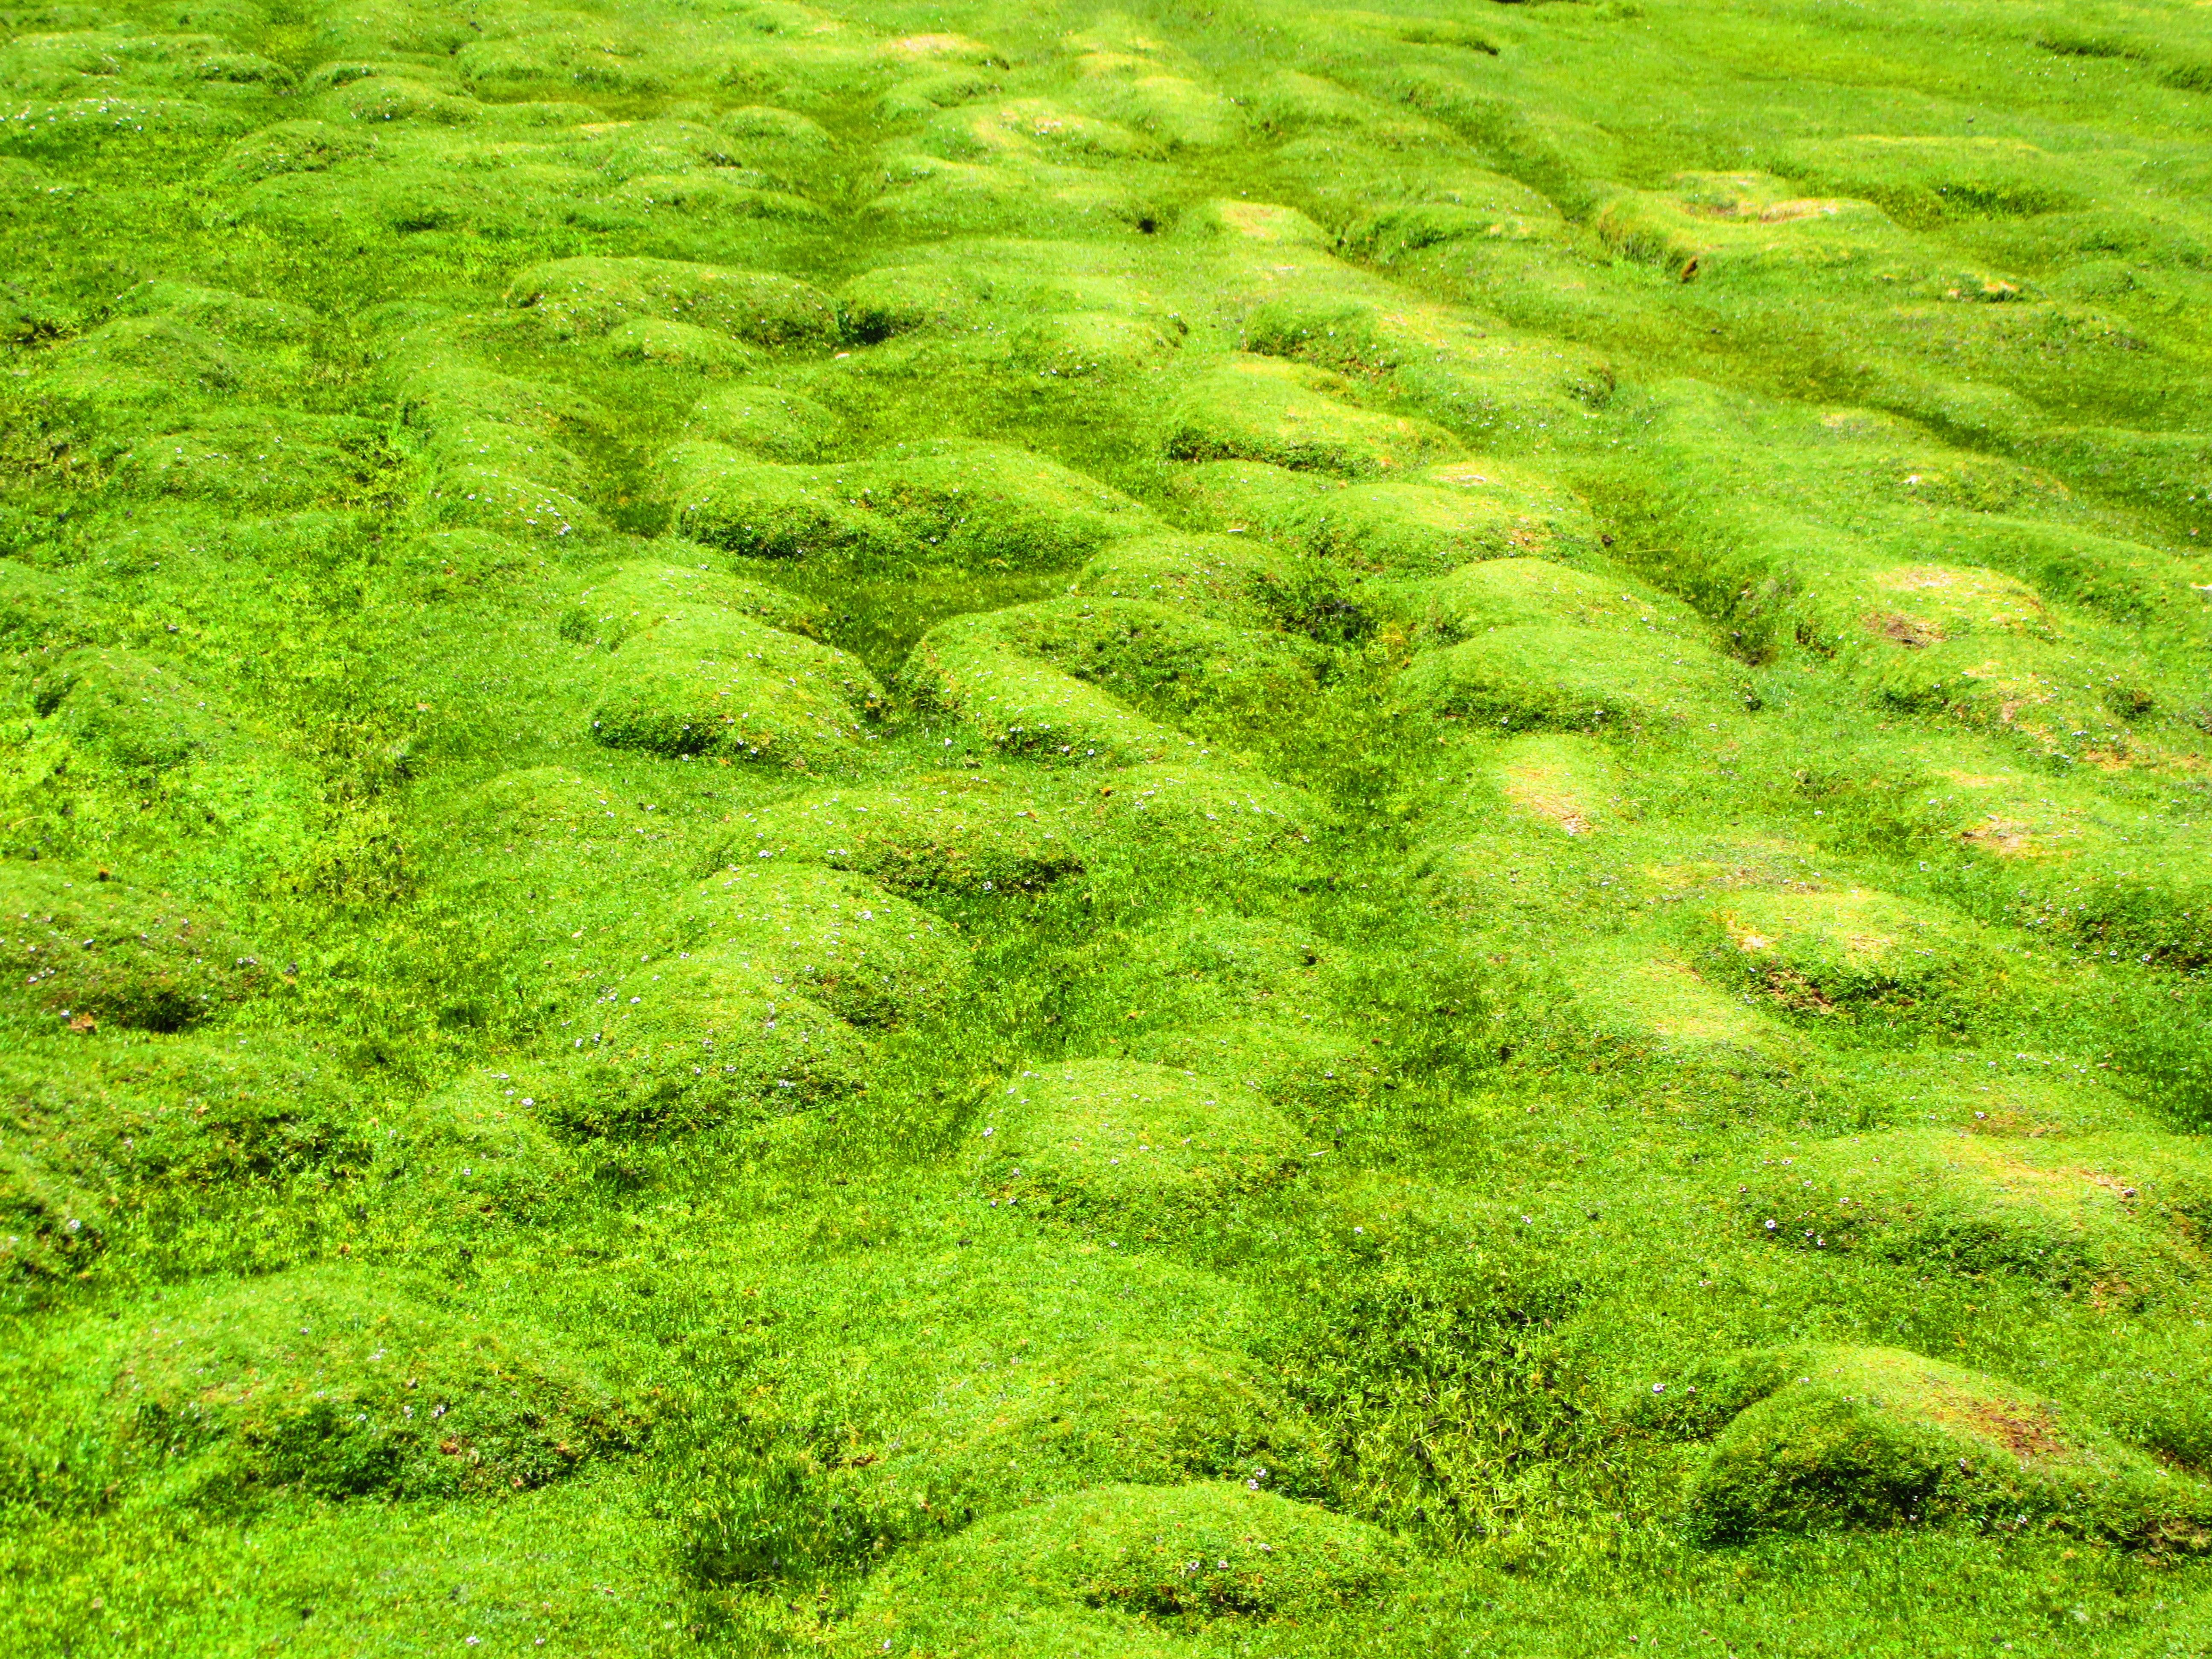 images gratuites la nature for t herbe plante sol pelouse prairie feuille fleur. Black Bedroom Furniture Sets. Home Design Ideas